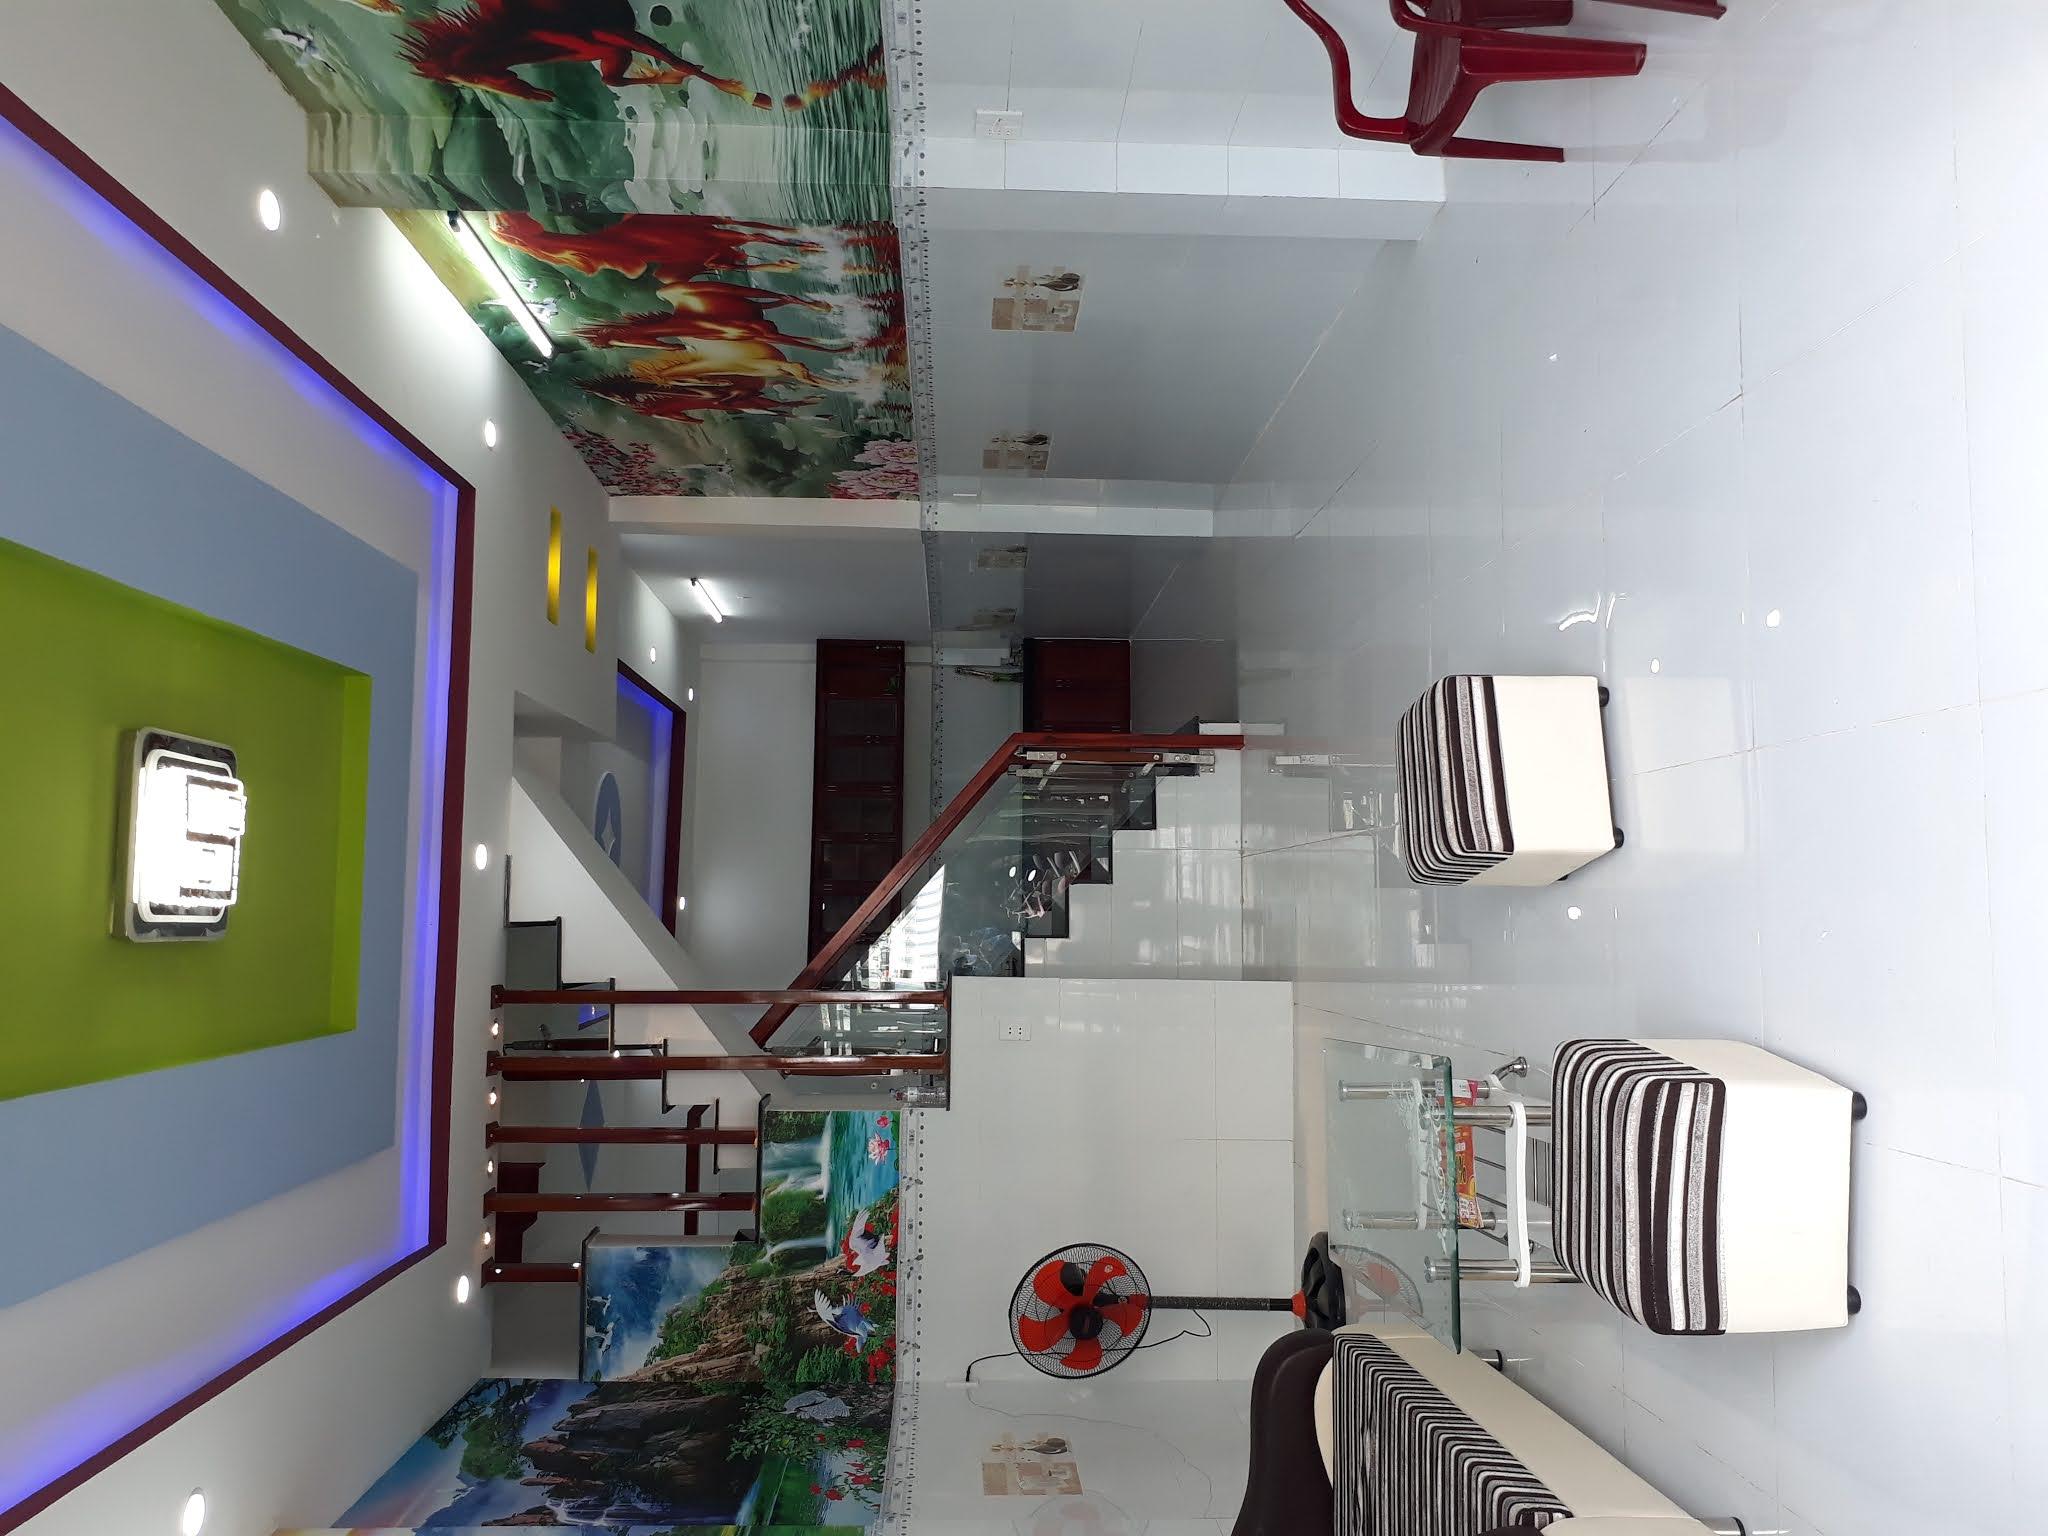 Bán nhà Mặt tiền Đường số 18D phường Bình Hưng Hòa A quận Bình Tân giá rẻ